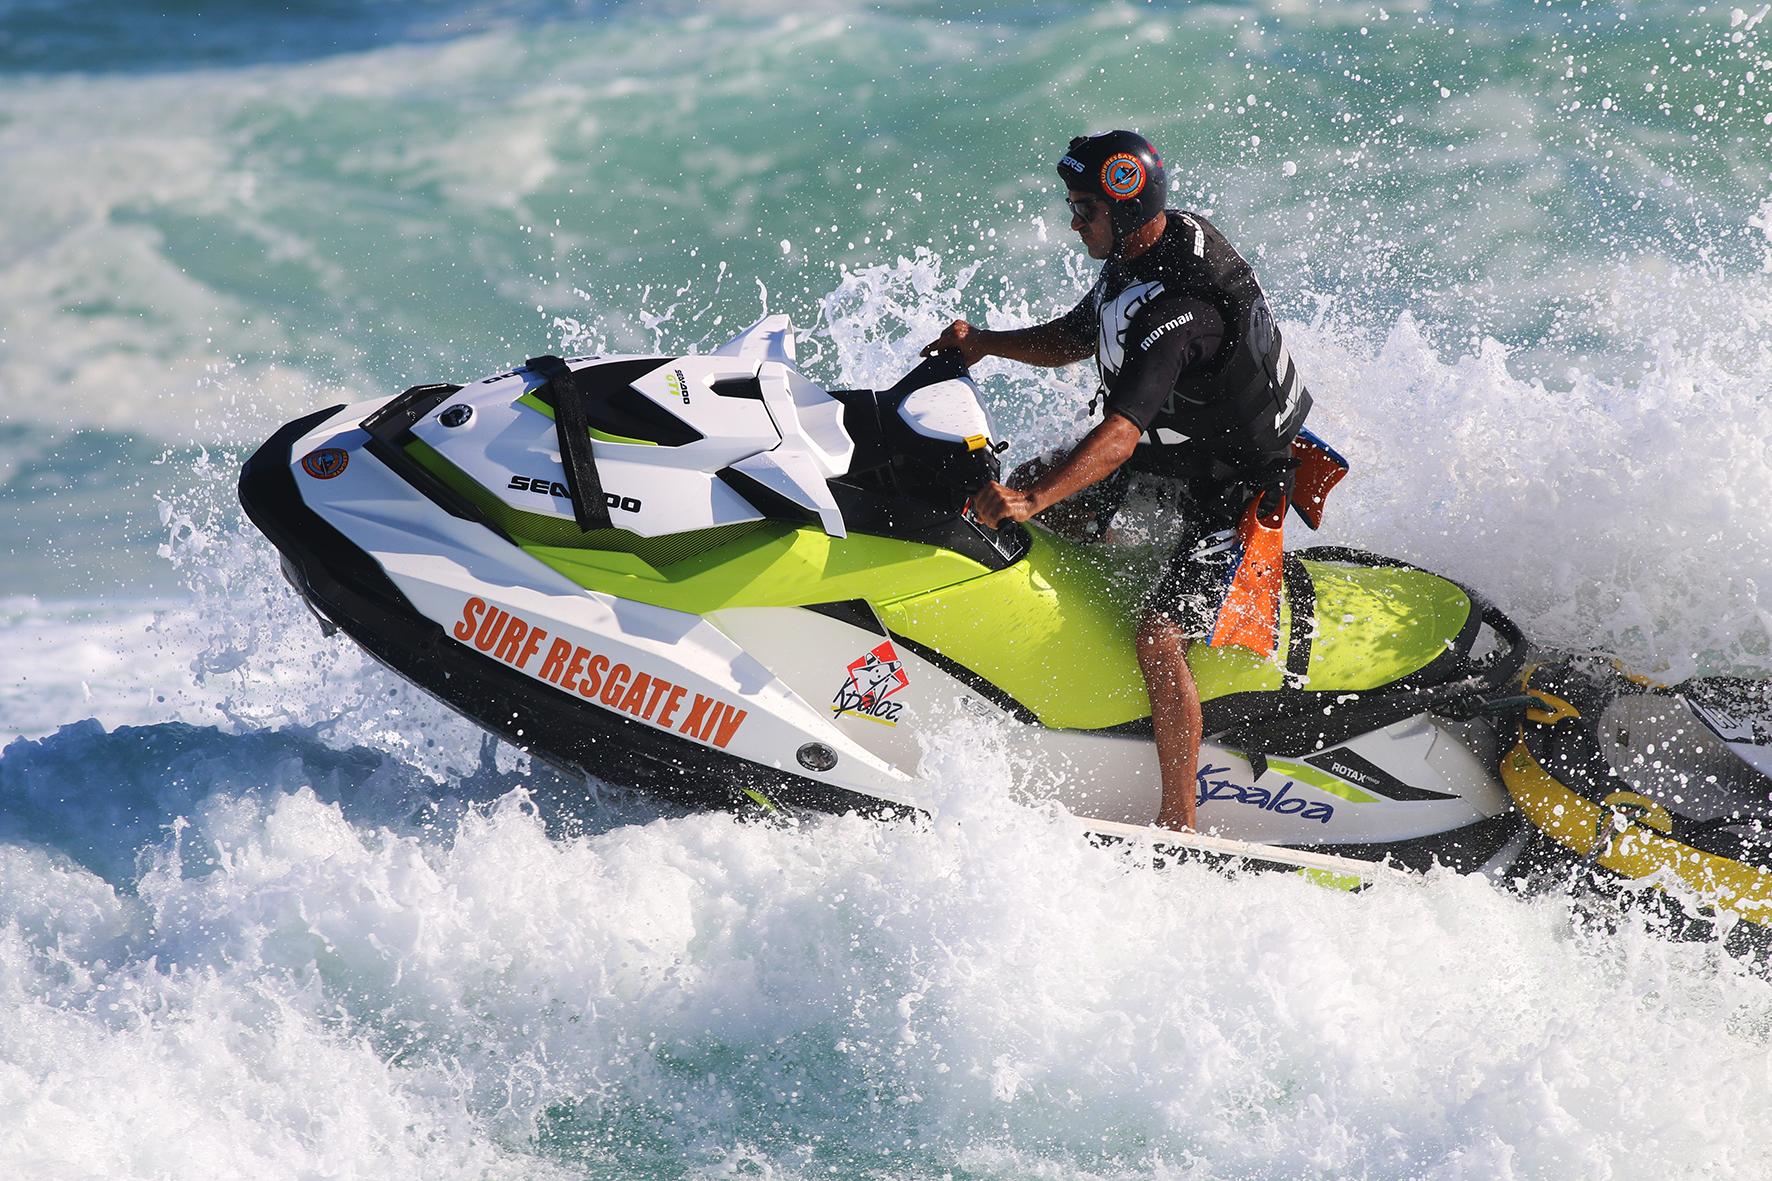 Equipe Surf Resgate e as motos aquáticas Sea-Doo no Rio Pro 2017 Crédito: Jorge Porto